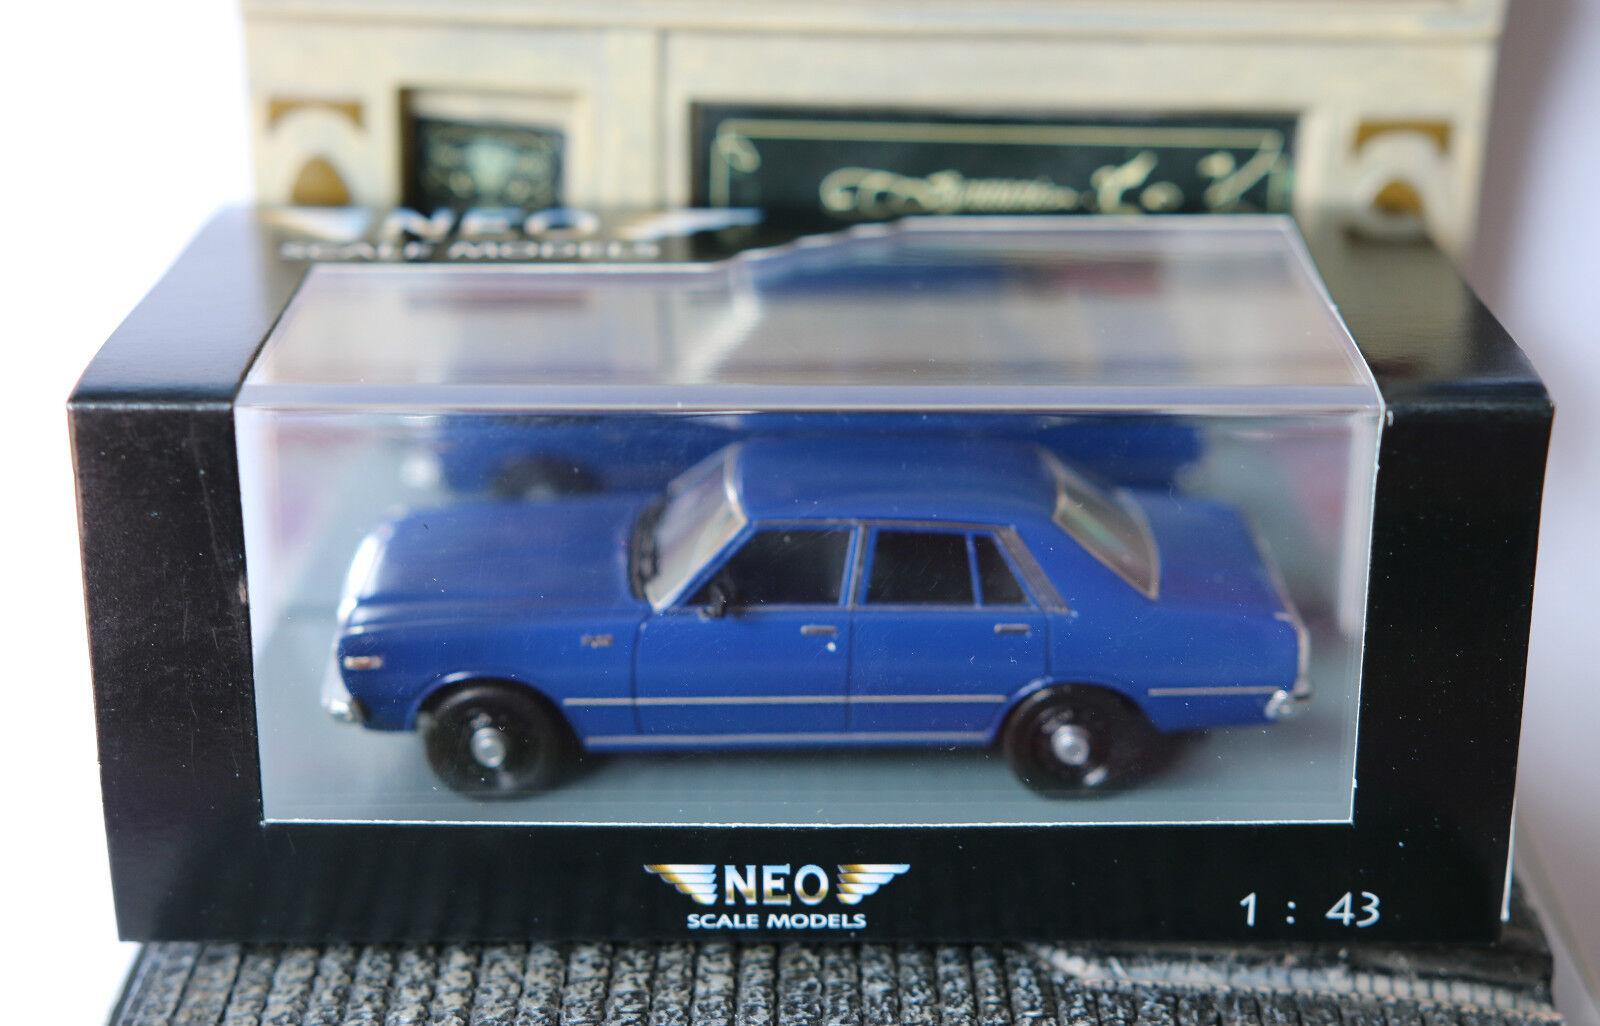 Datsun 200l laurel c230 dark blueee neo 44499 1 43 lhd left hand drive blueee bluee